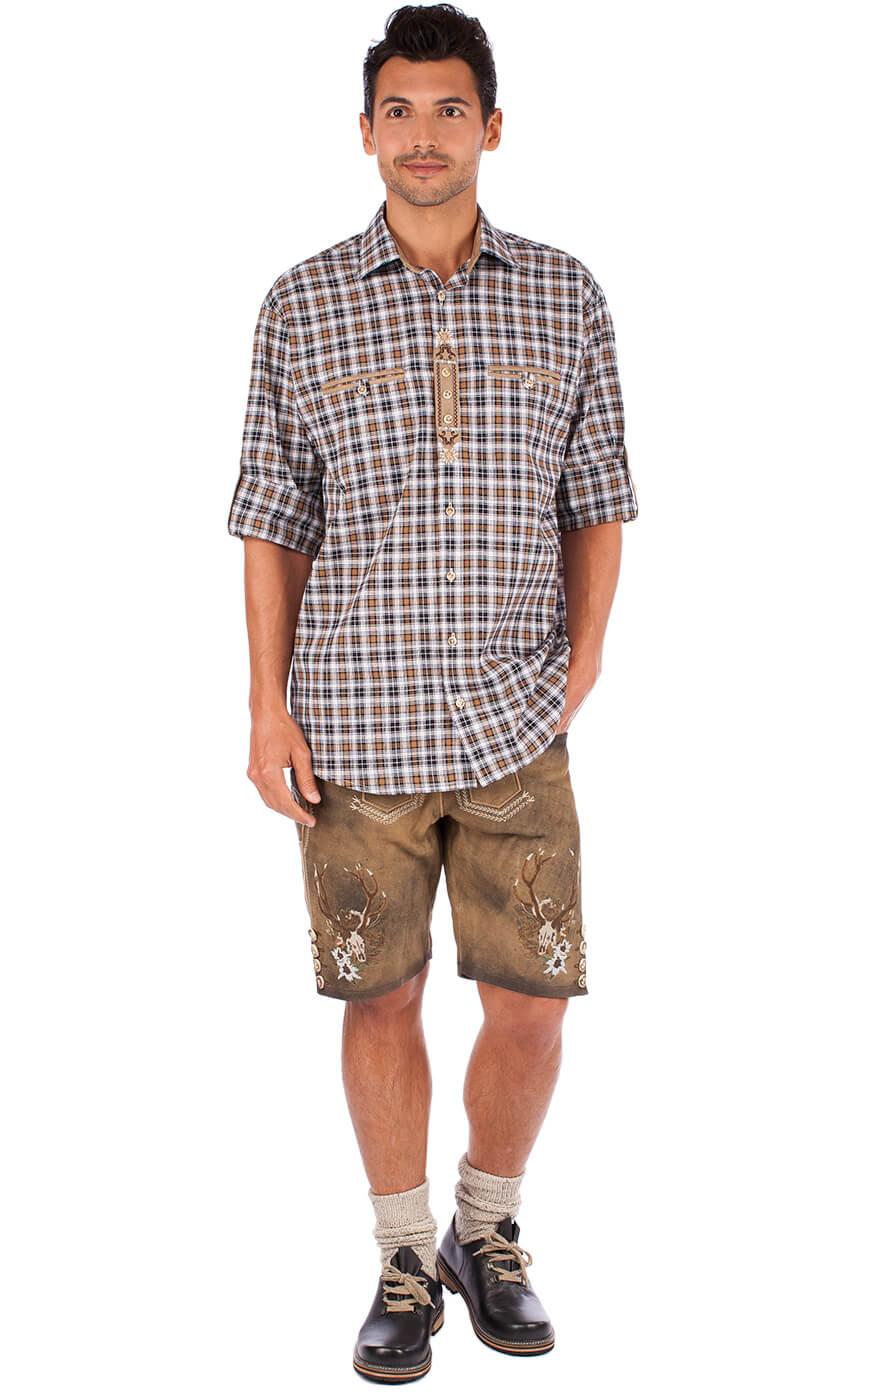 weitere Bilder von German traditional shirt 920004-3310-69 brown